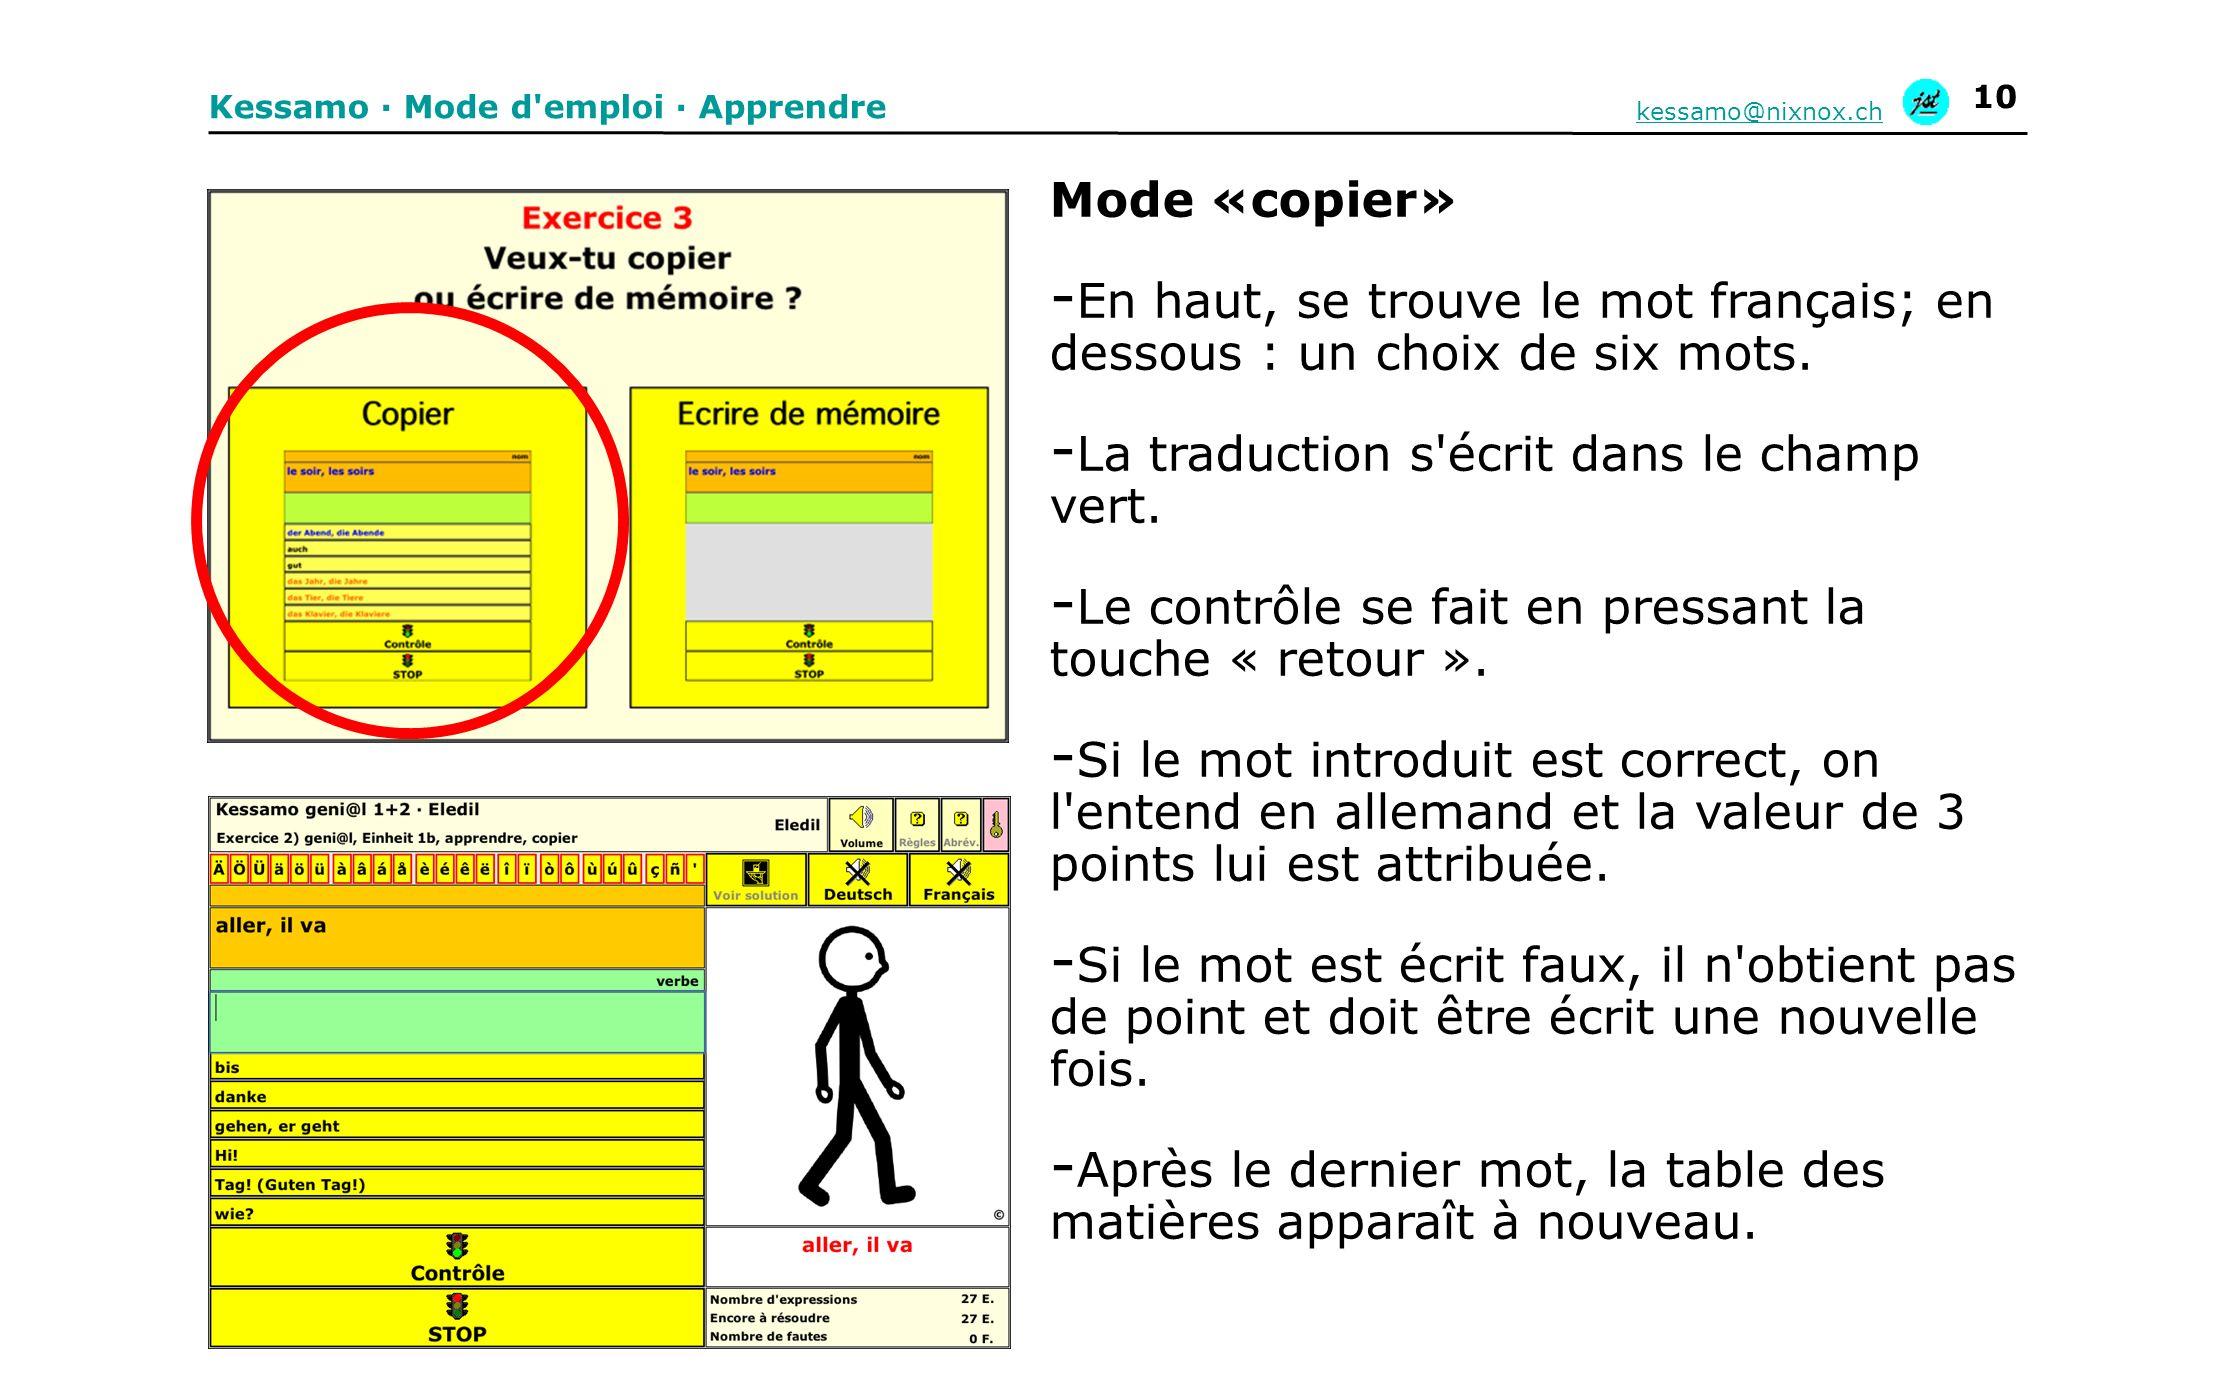 En haut, se trouve le mot français; en dessous : un choix de six mots.